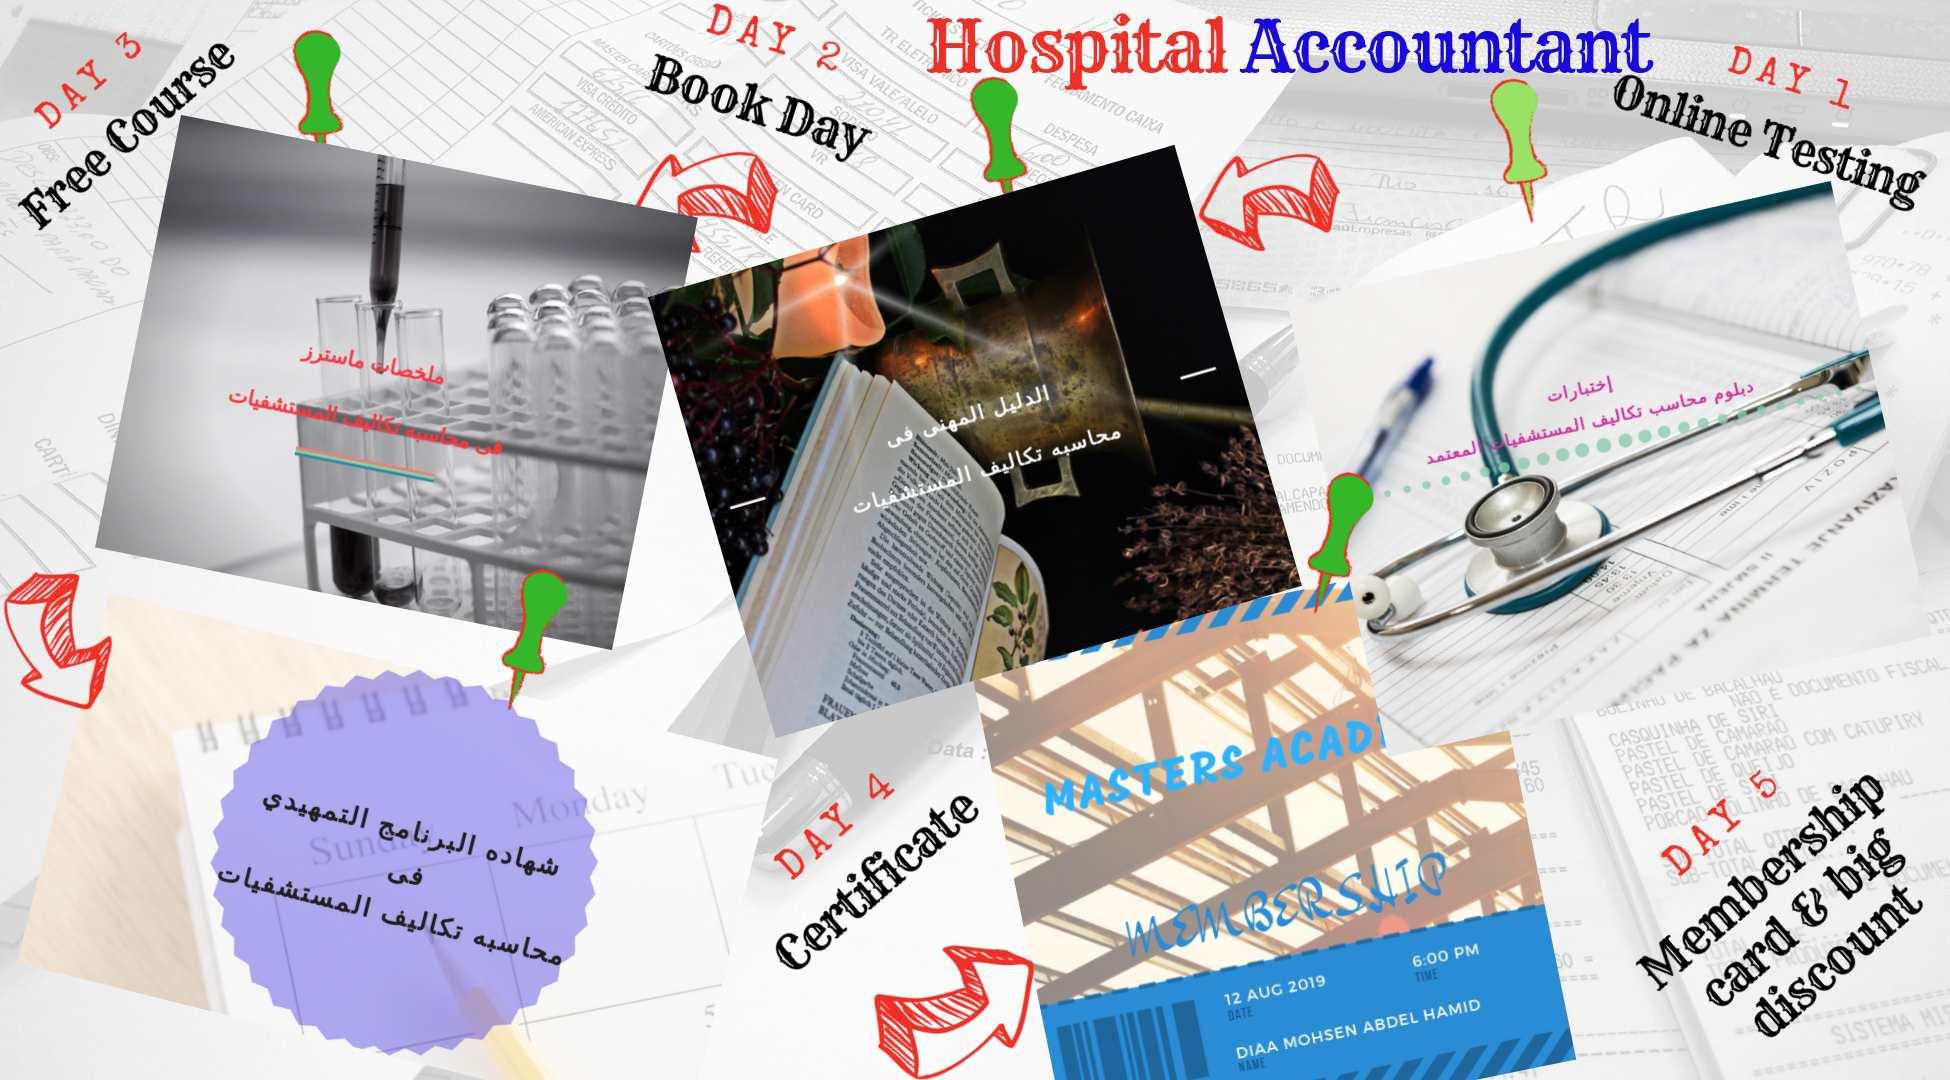 إختبارات دبلوم محاسب المستشفيات المعتمد | ماسترز للنظم الأداريه و